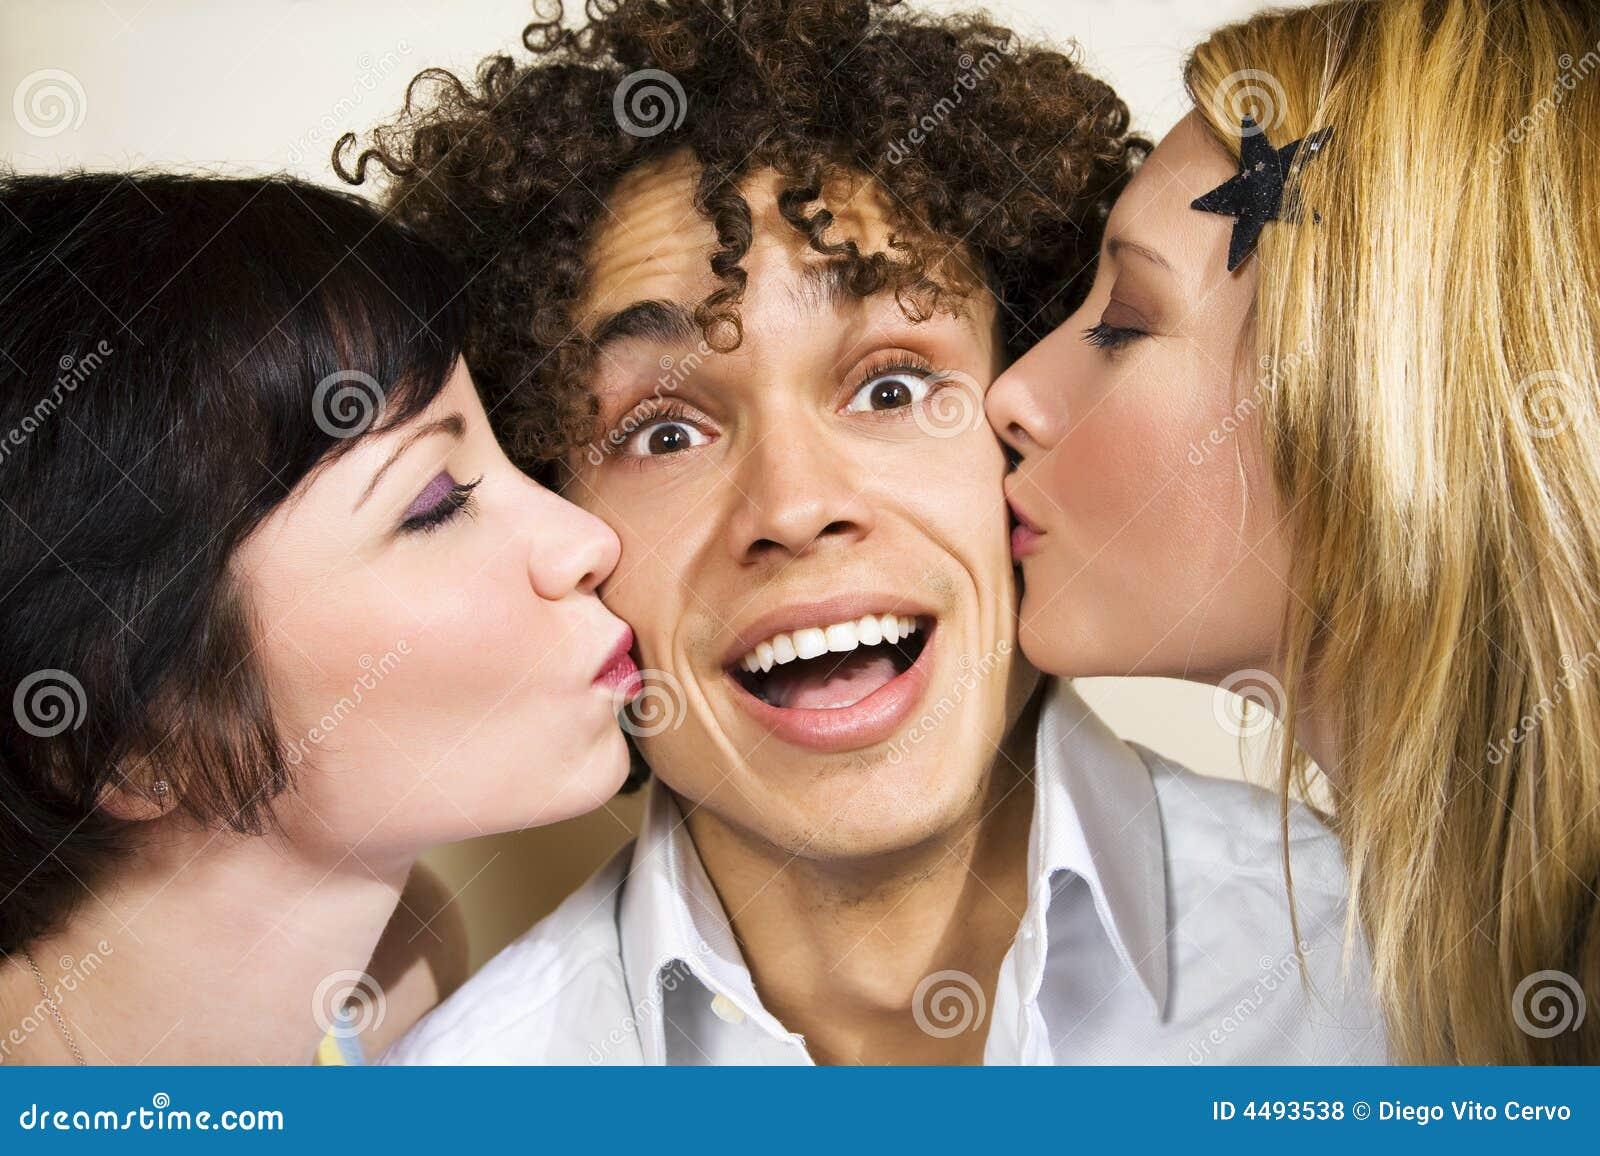 Сексуальный комплимент девушке 1 фотография